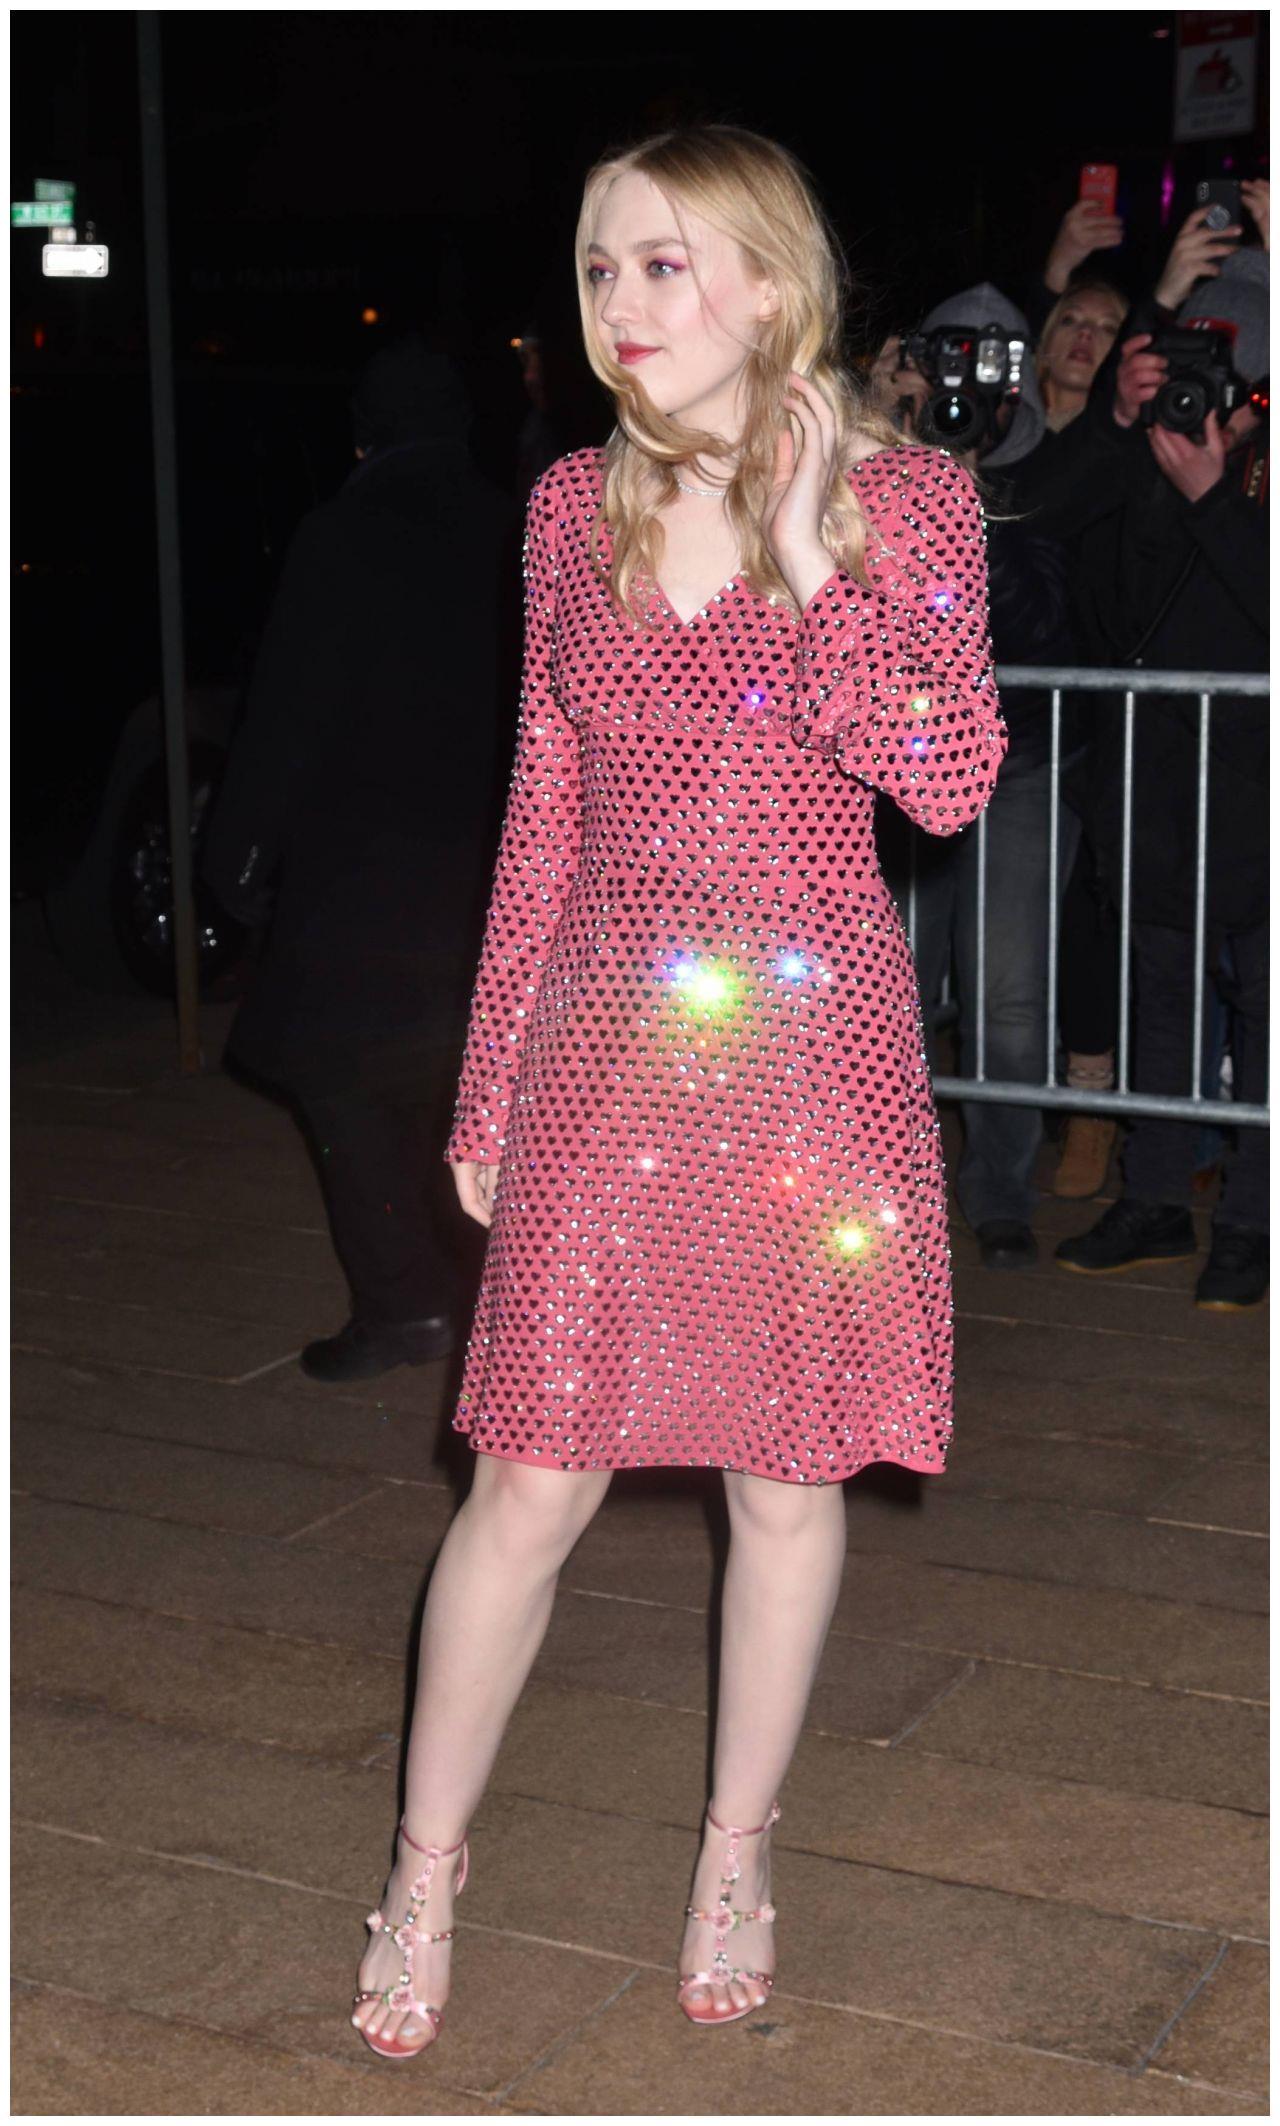 美国女星达科塔·范宁粉色长裙出席活动,站姿优美